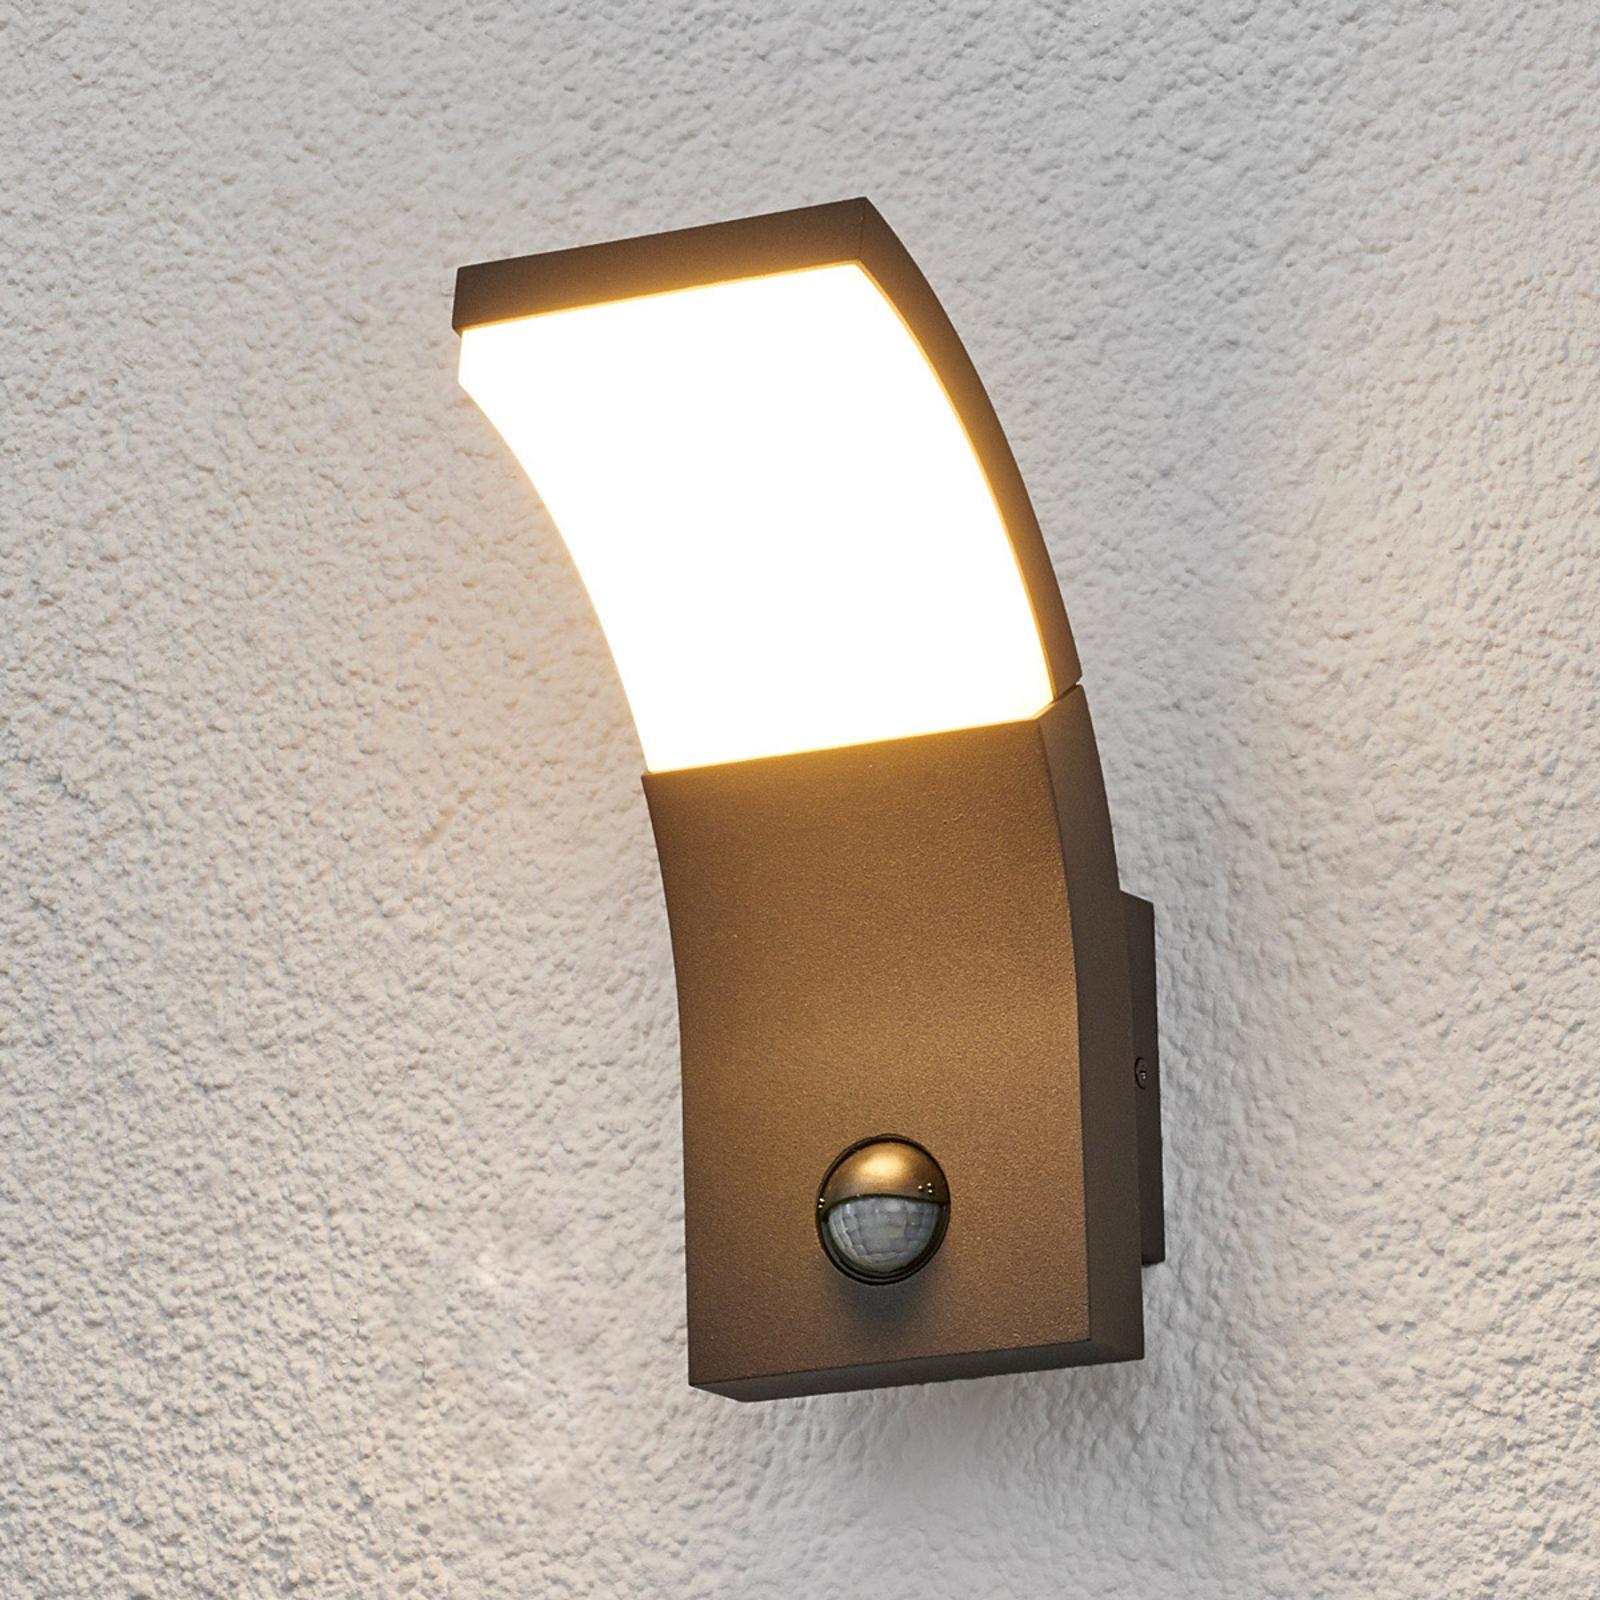 LED-udendørsvæglampen Timm med bevægelsessensor